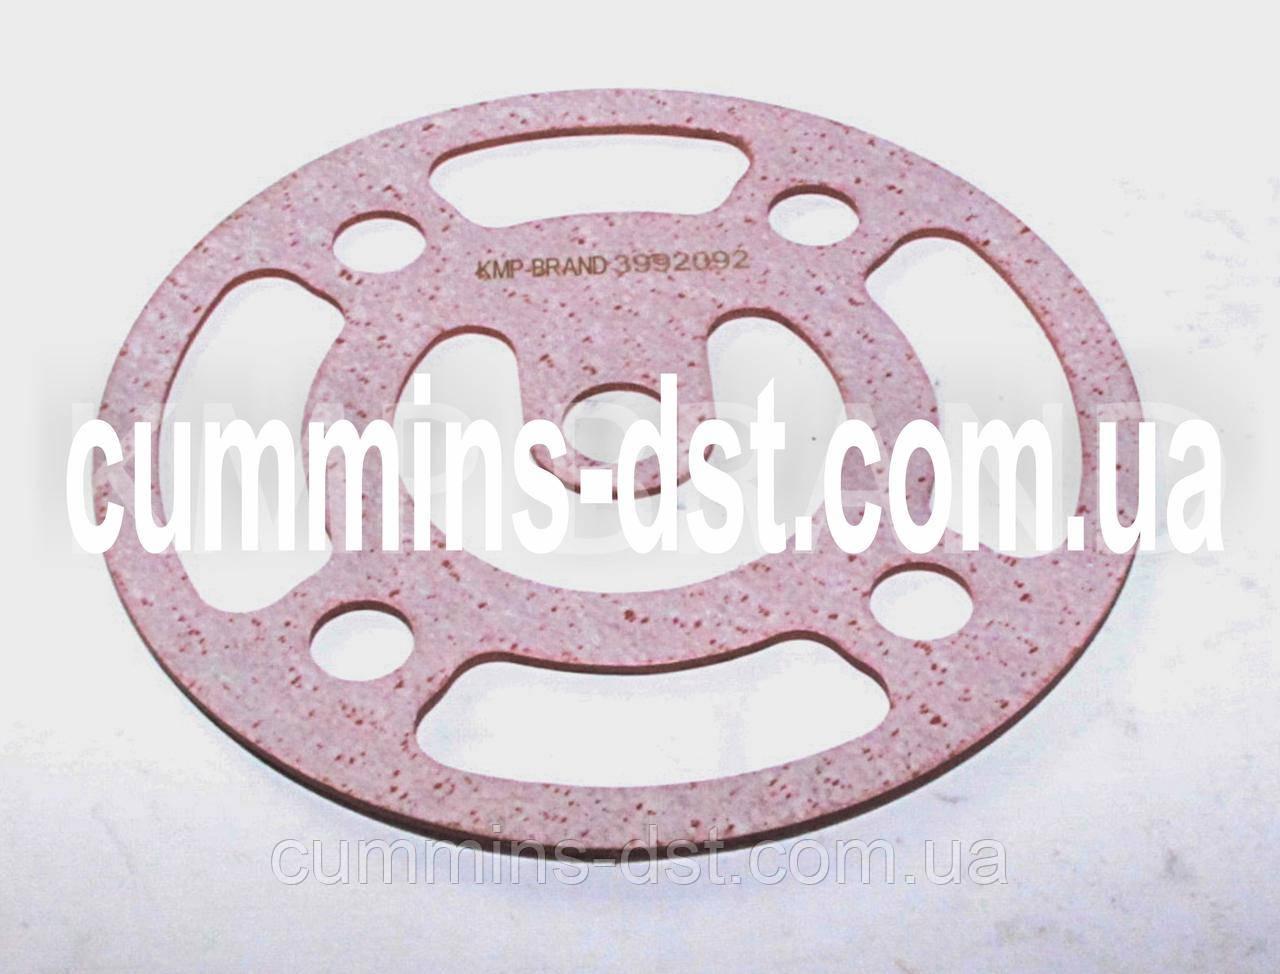 3992092 Прокладка фильтра корпуса маслоохладителя Cummins QSC/QSL